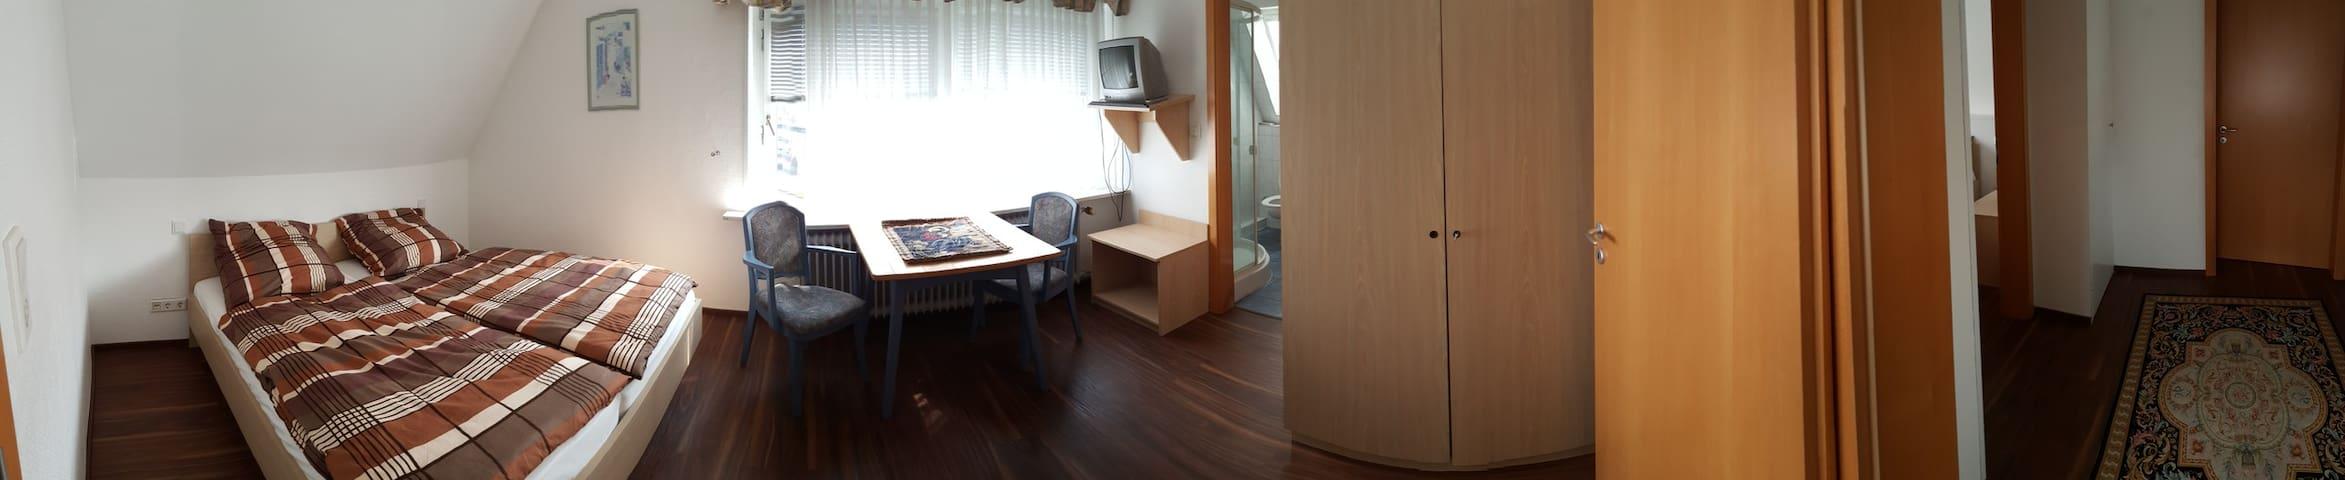 Mobilierte Zimmer in Sande - Sande - Hus